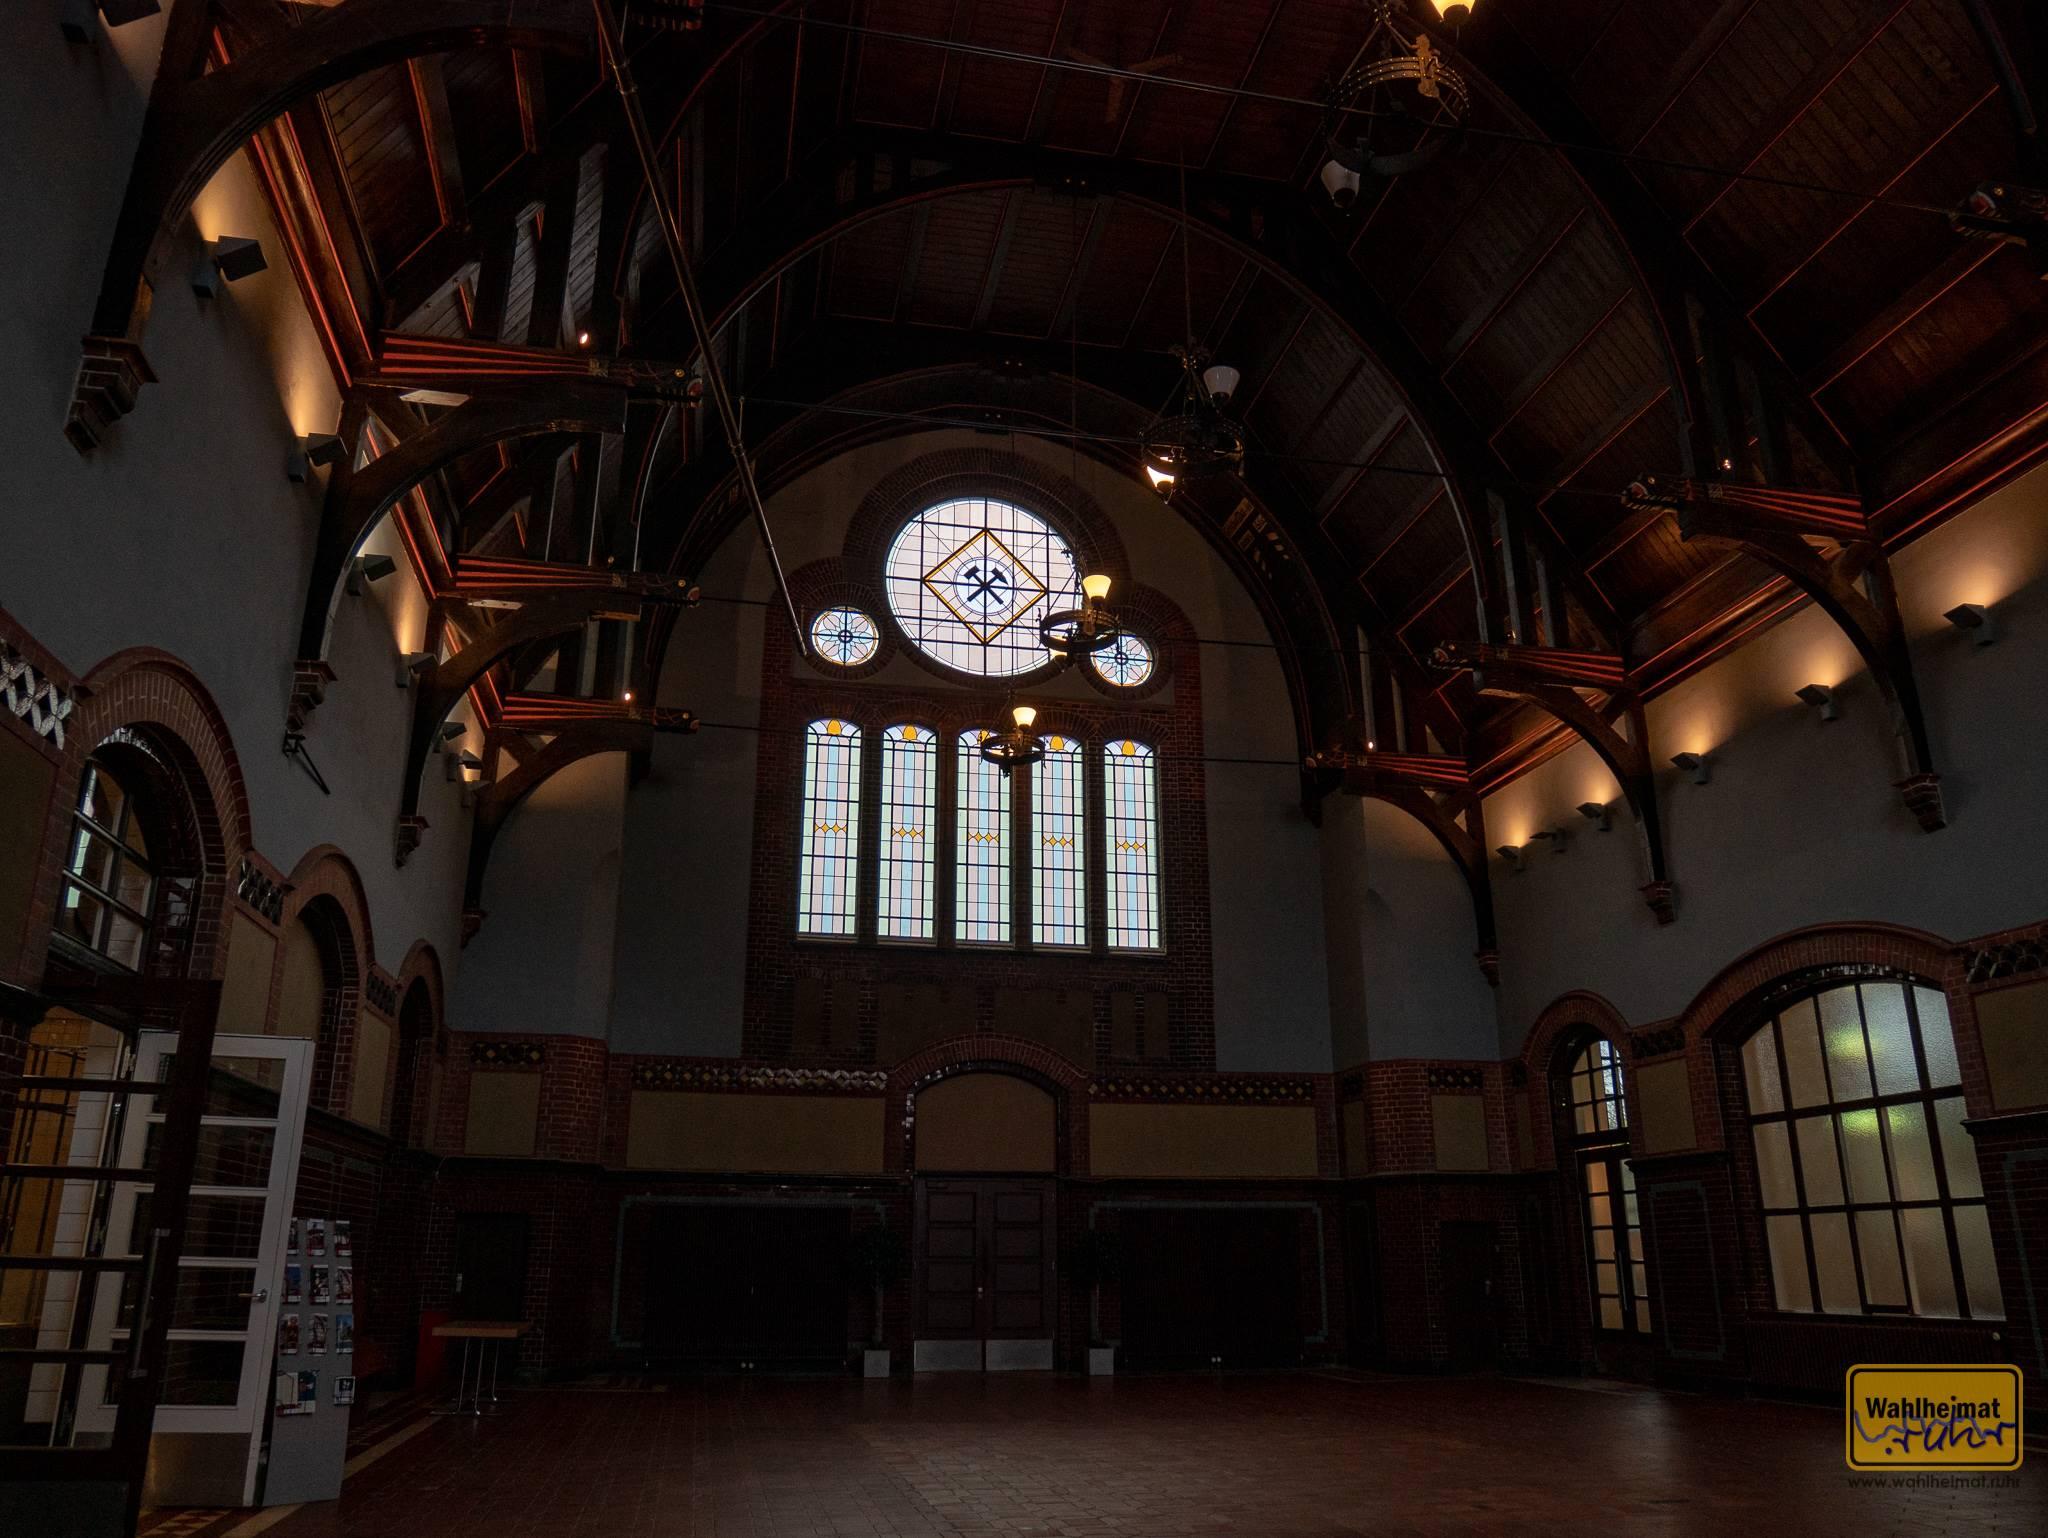 Die beeindruckende Lohnhalle - Fenster und Gewölbe sind so toll!